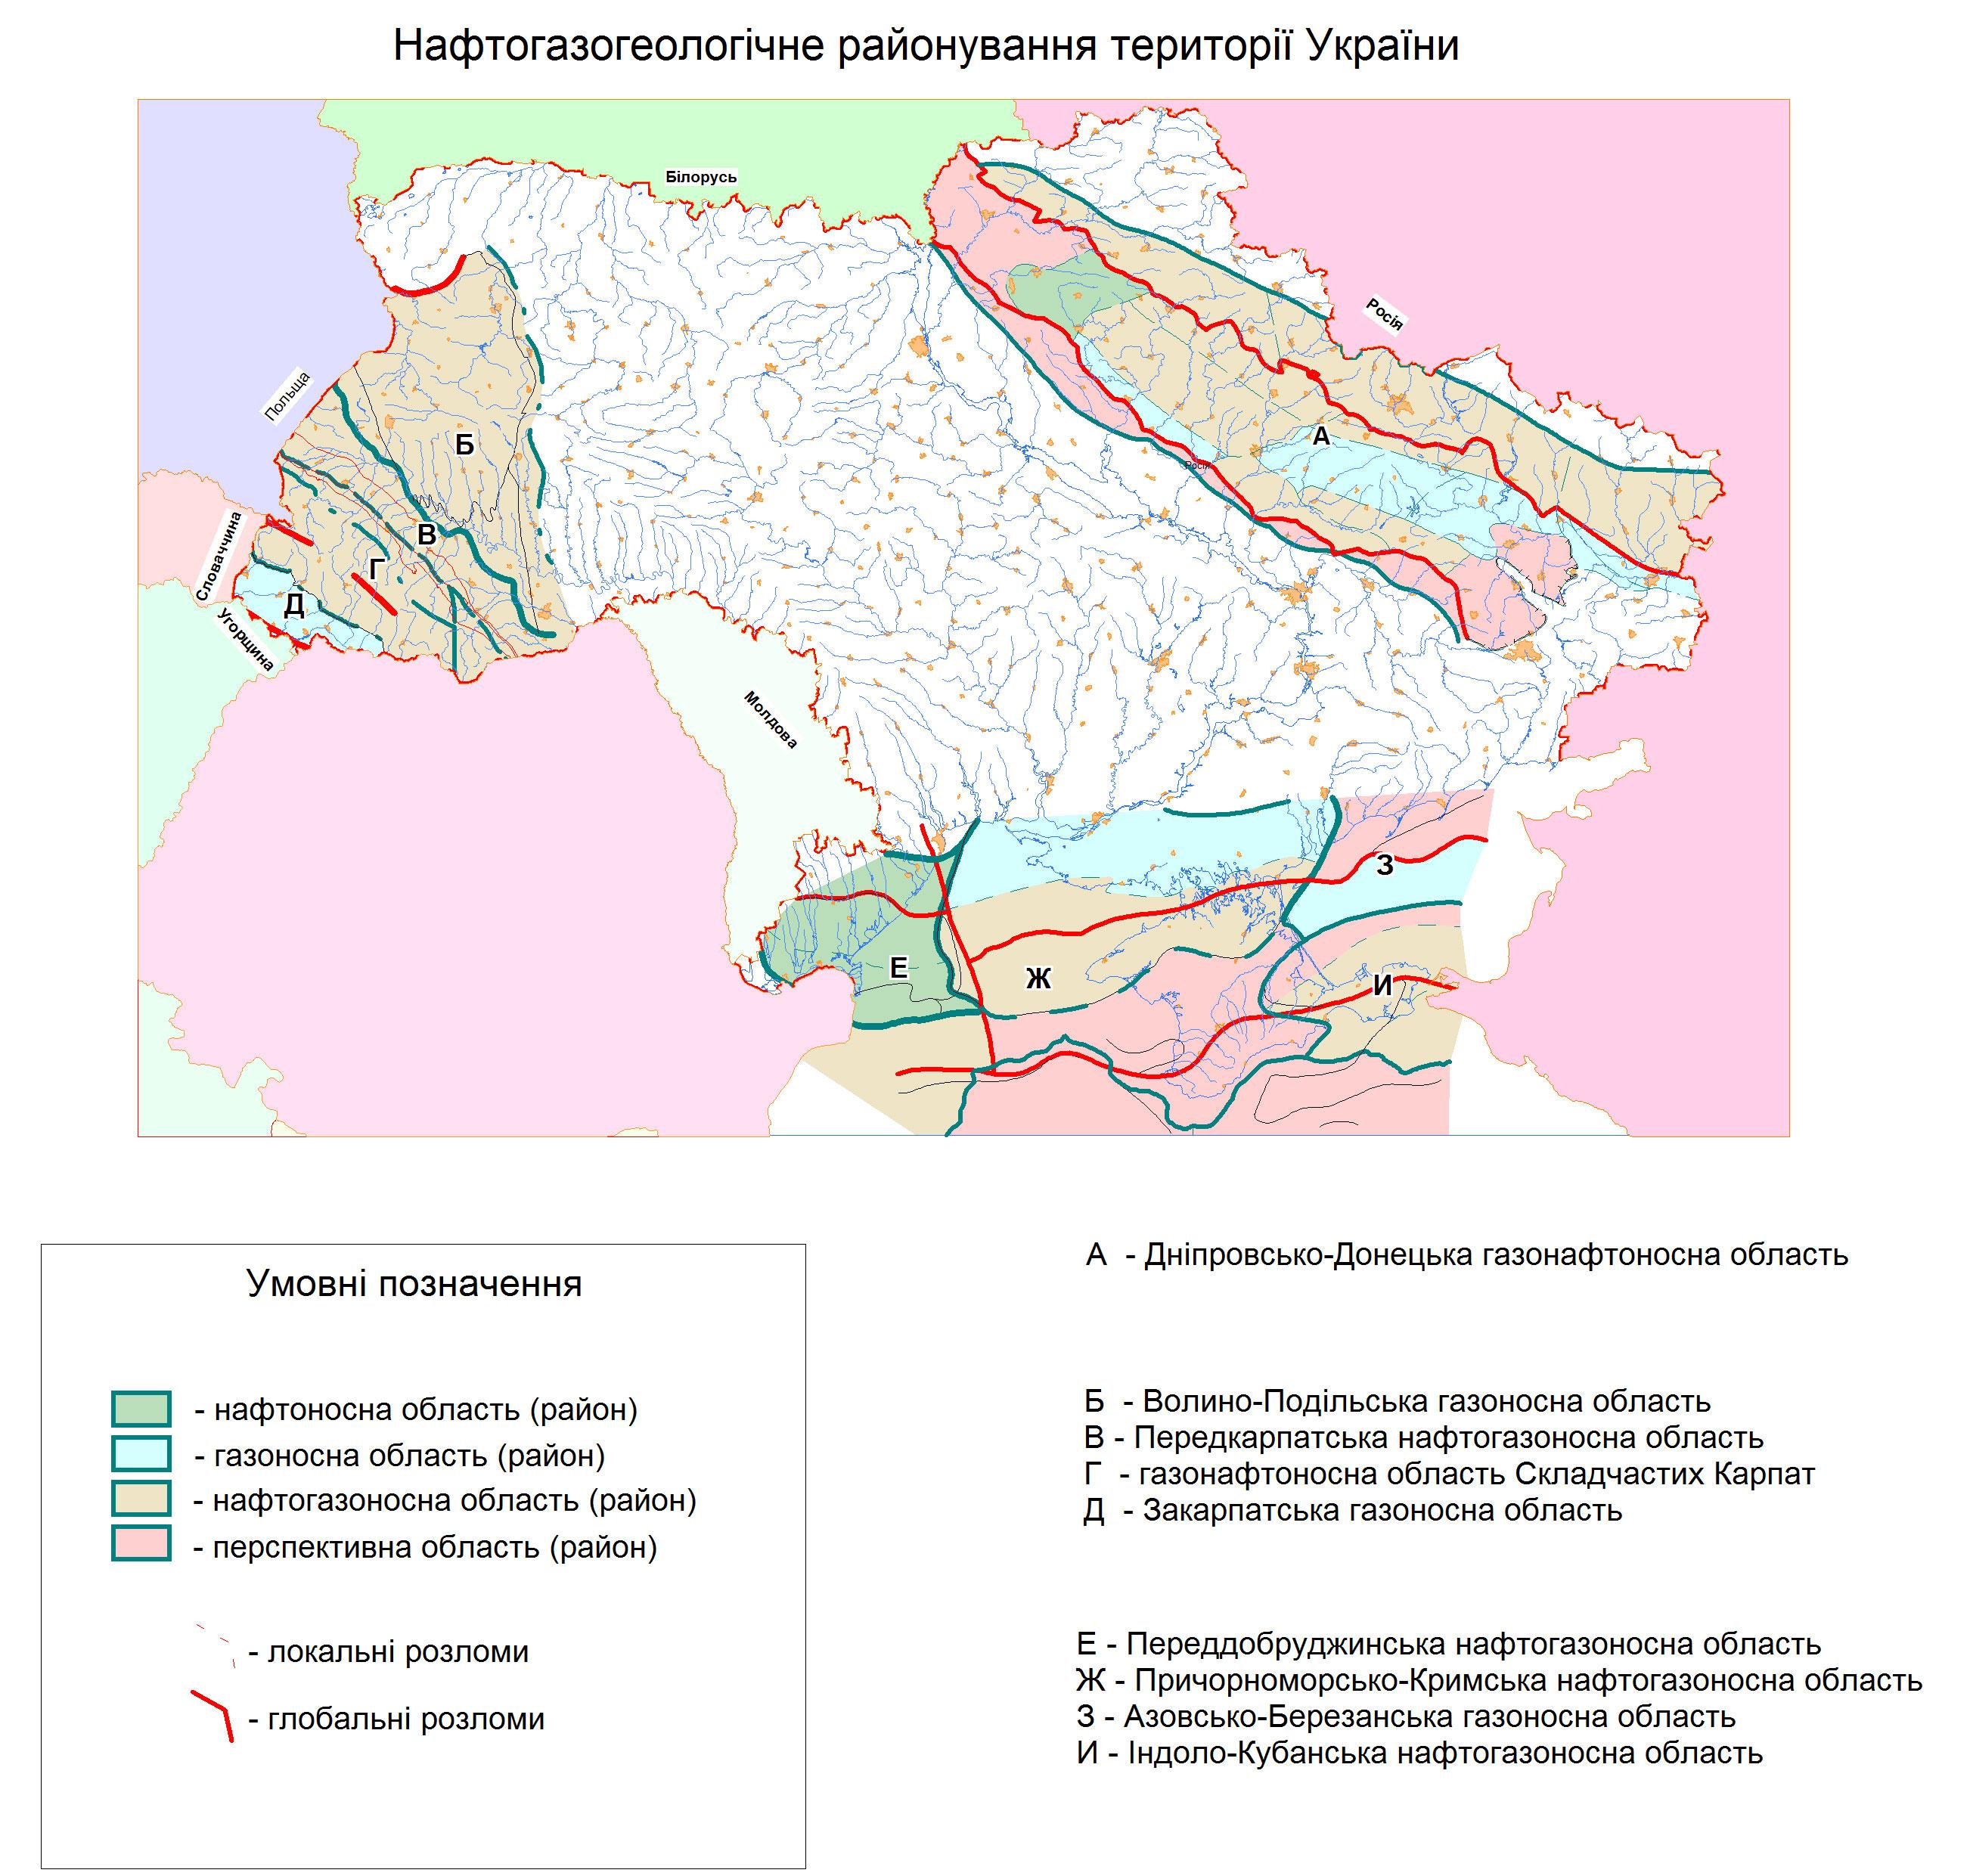 Нафтогазогеологічне районування території України (карта)